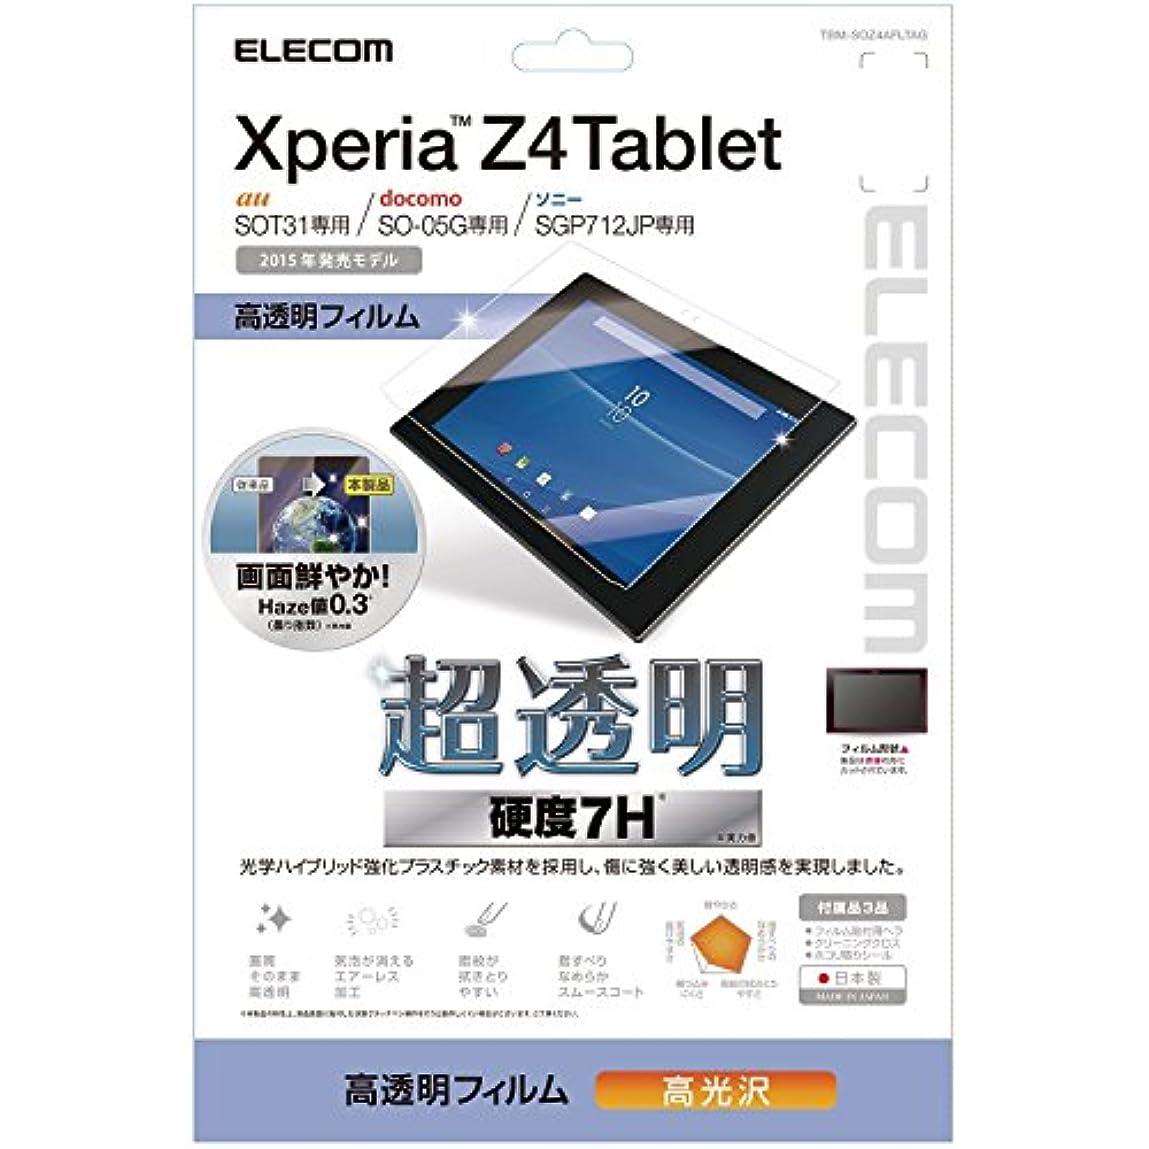 肘掛け椅子バルセロナ一時解雇する【2015年モデル】エレコム SONY Xperia Z4 Tablet 液晶フィルム 高透明 硬度7H 光線透過率93.2% TBM-SOZ4AFLTAG